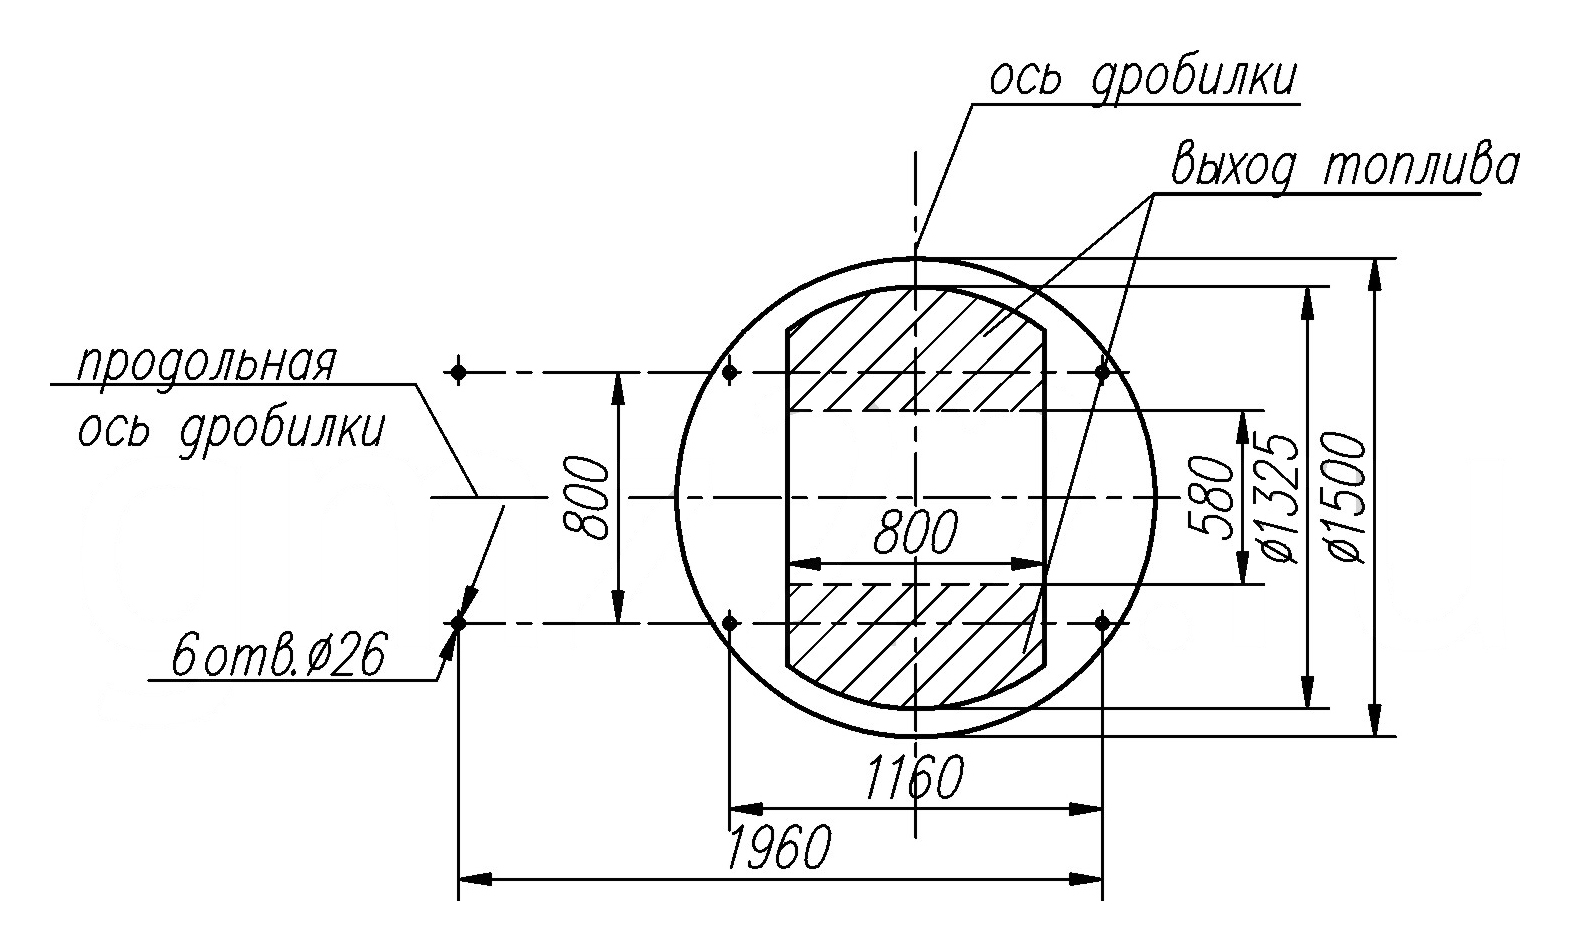 Рис. 5. Схема расположения крепежных отверстий и фланца нижнего